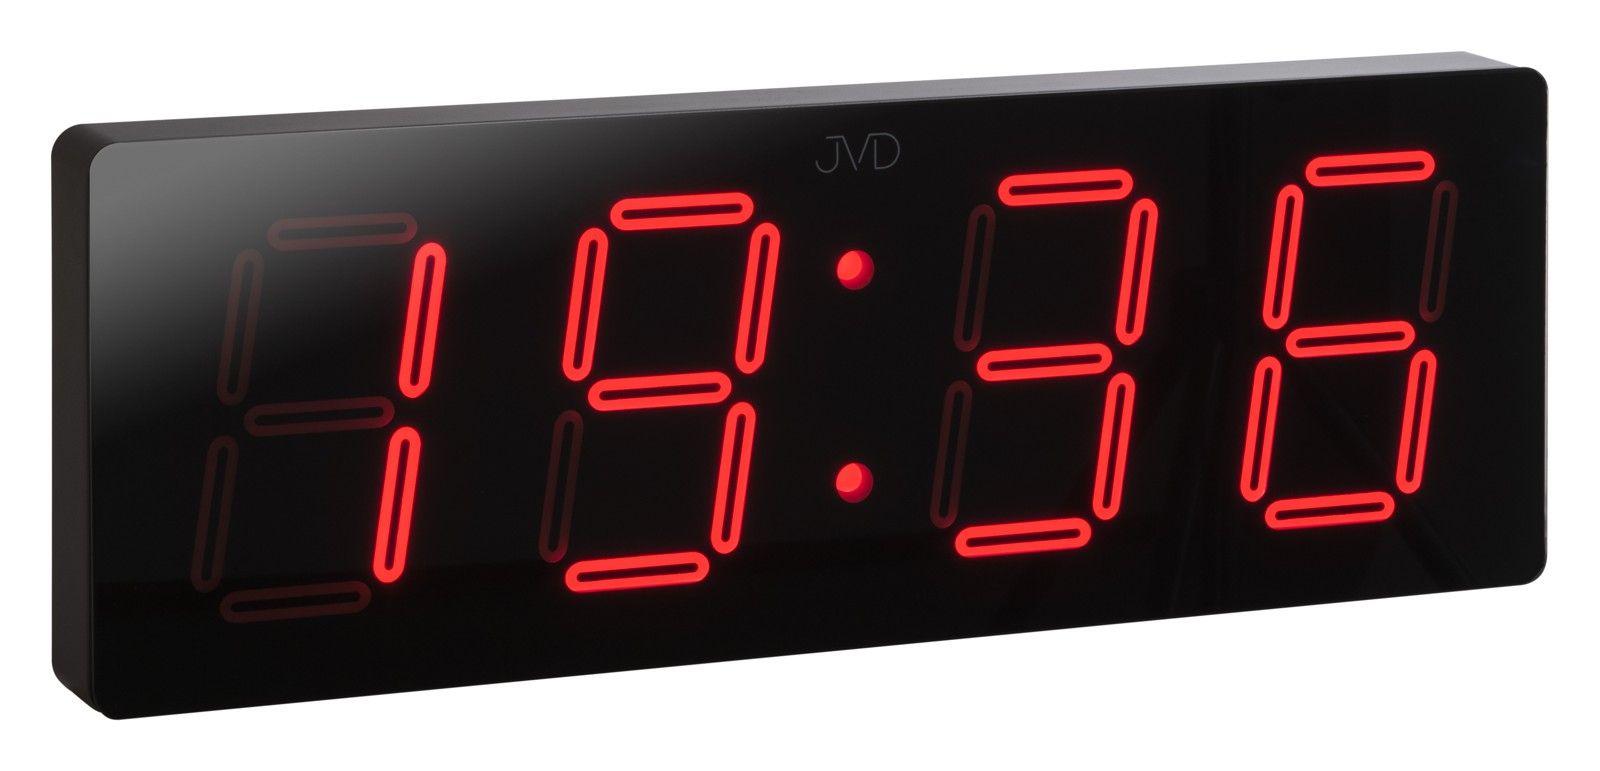 Velké svítící digitální moderní hodiny JVD DH1.1 s červenými číslicemi POŠTOVNÉ ZDARMA! (SKLADEM !!! DOPRAVA ZDARMA)